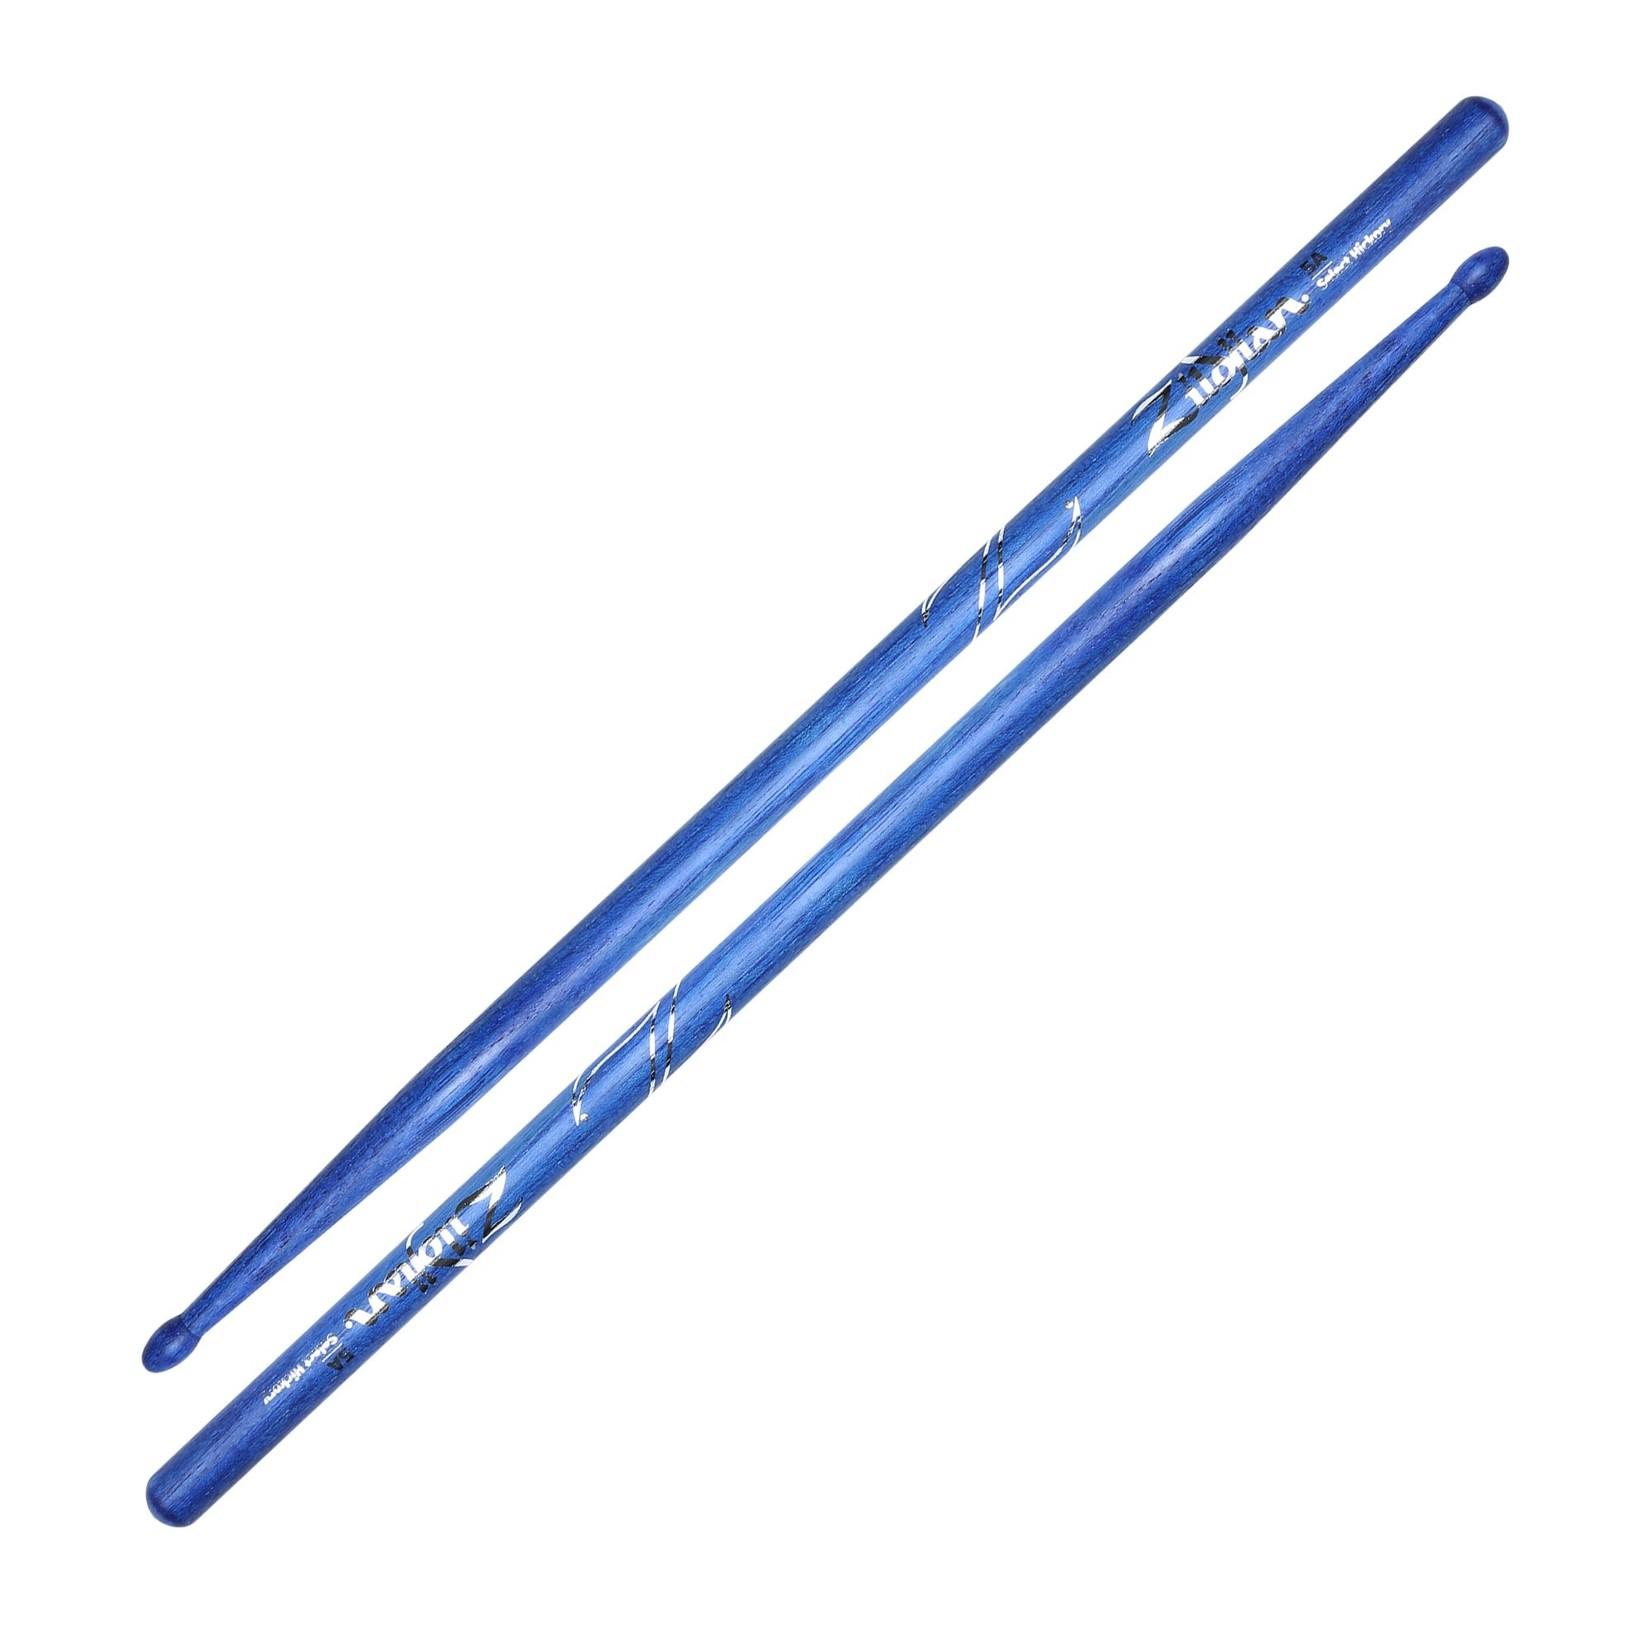 Zildjian Zildjian 5A Blue Drumsticks